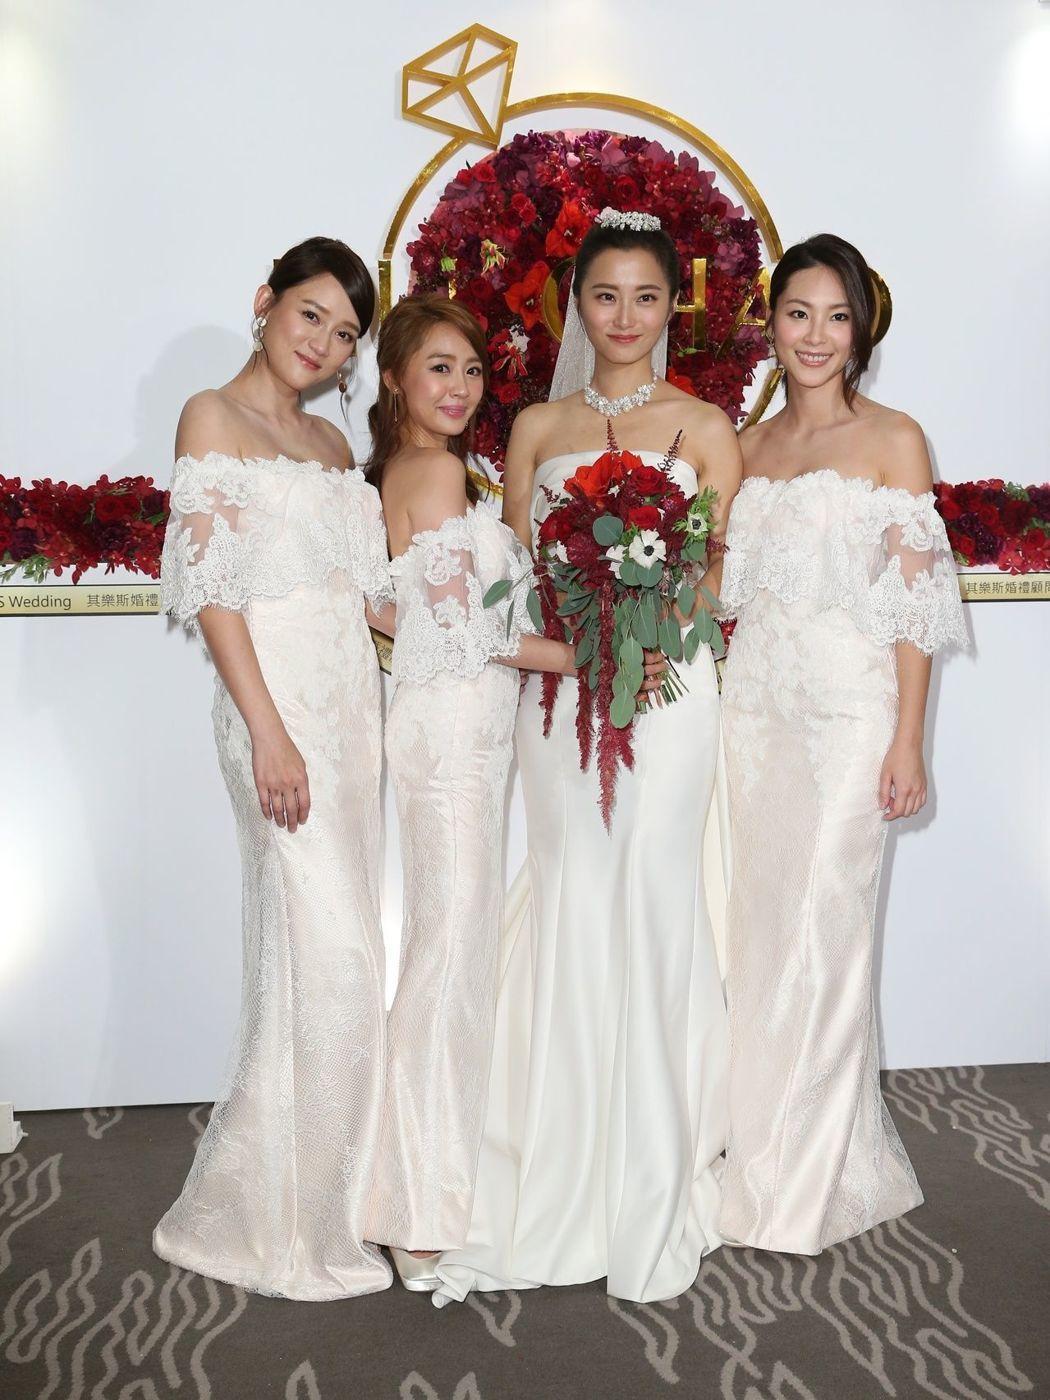 趙小僑 (右二)與劉亮佐舉行婚宴,陳喬恩(左起),賴薇如與屈尹絜擔任伴娘。記者陳